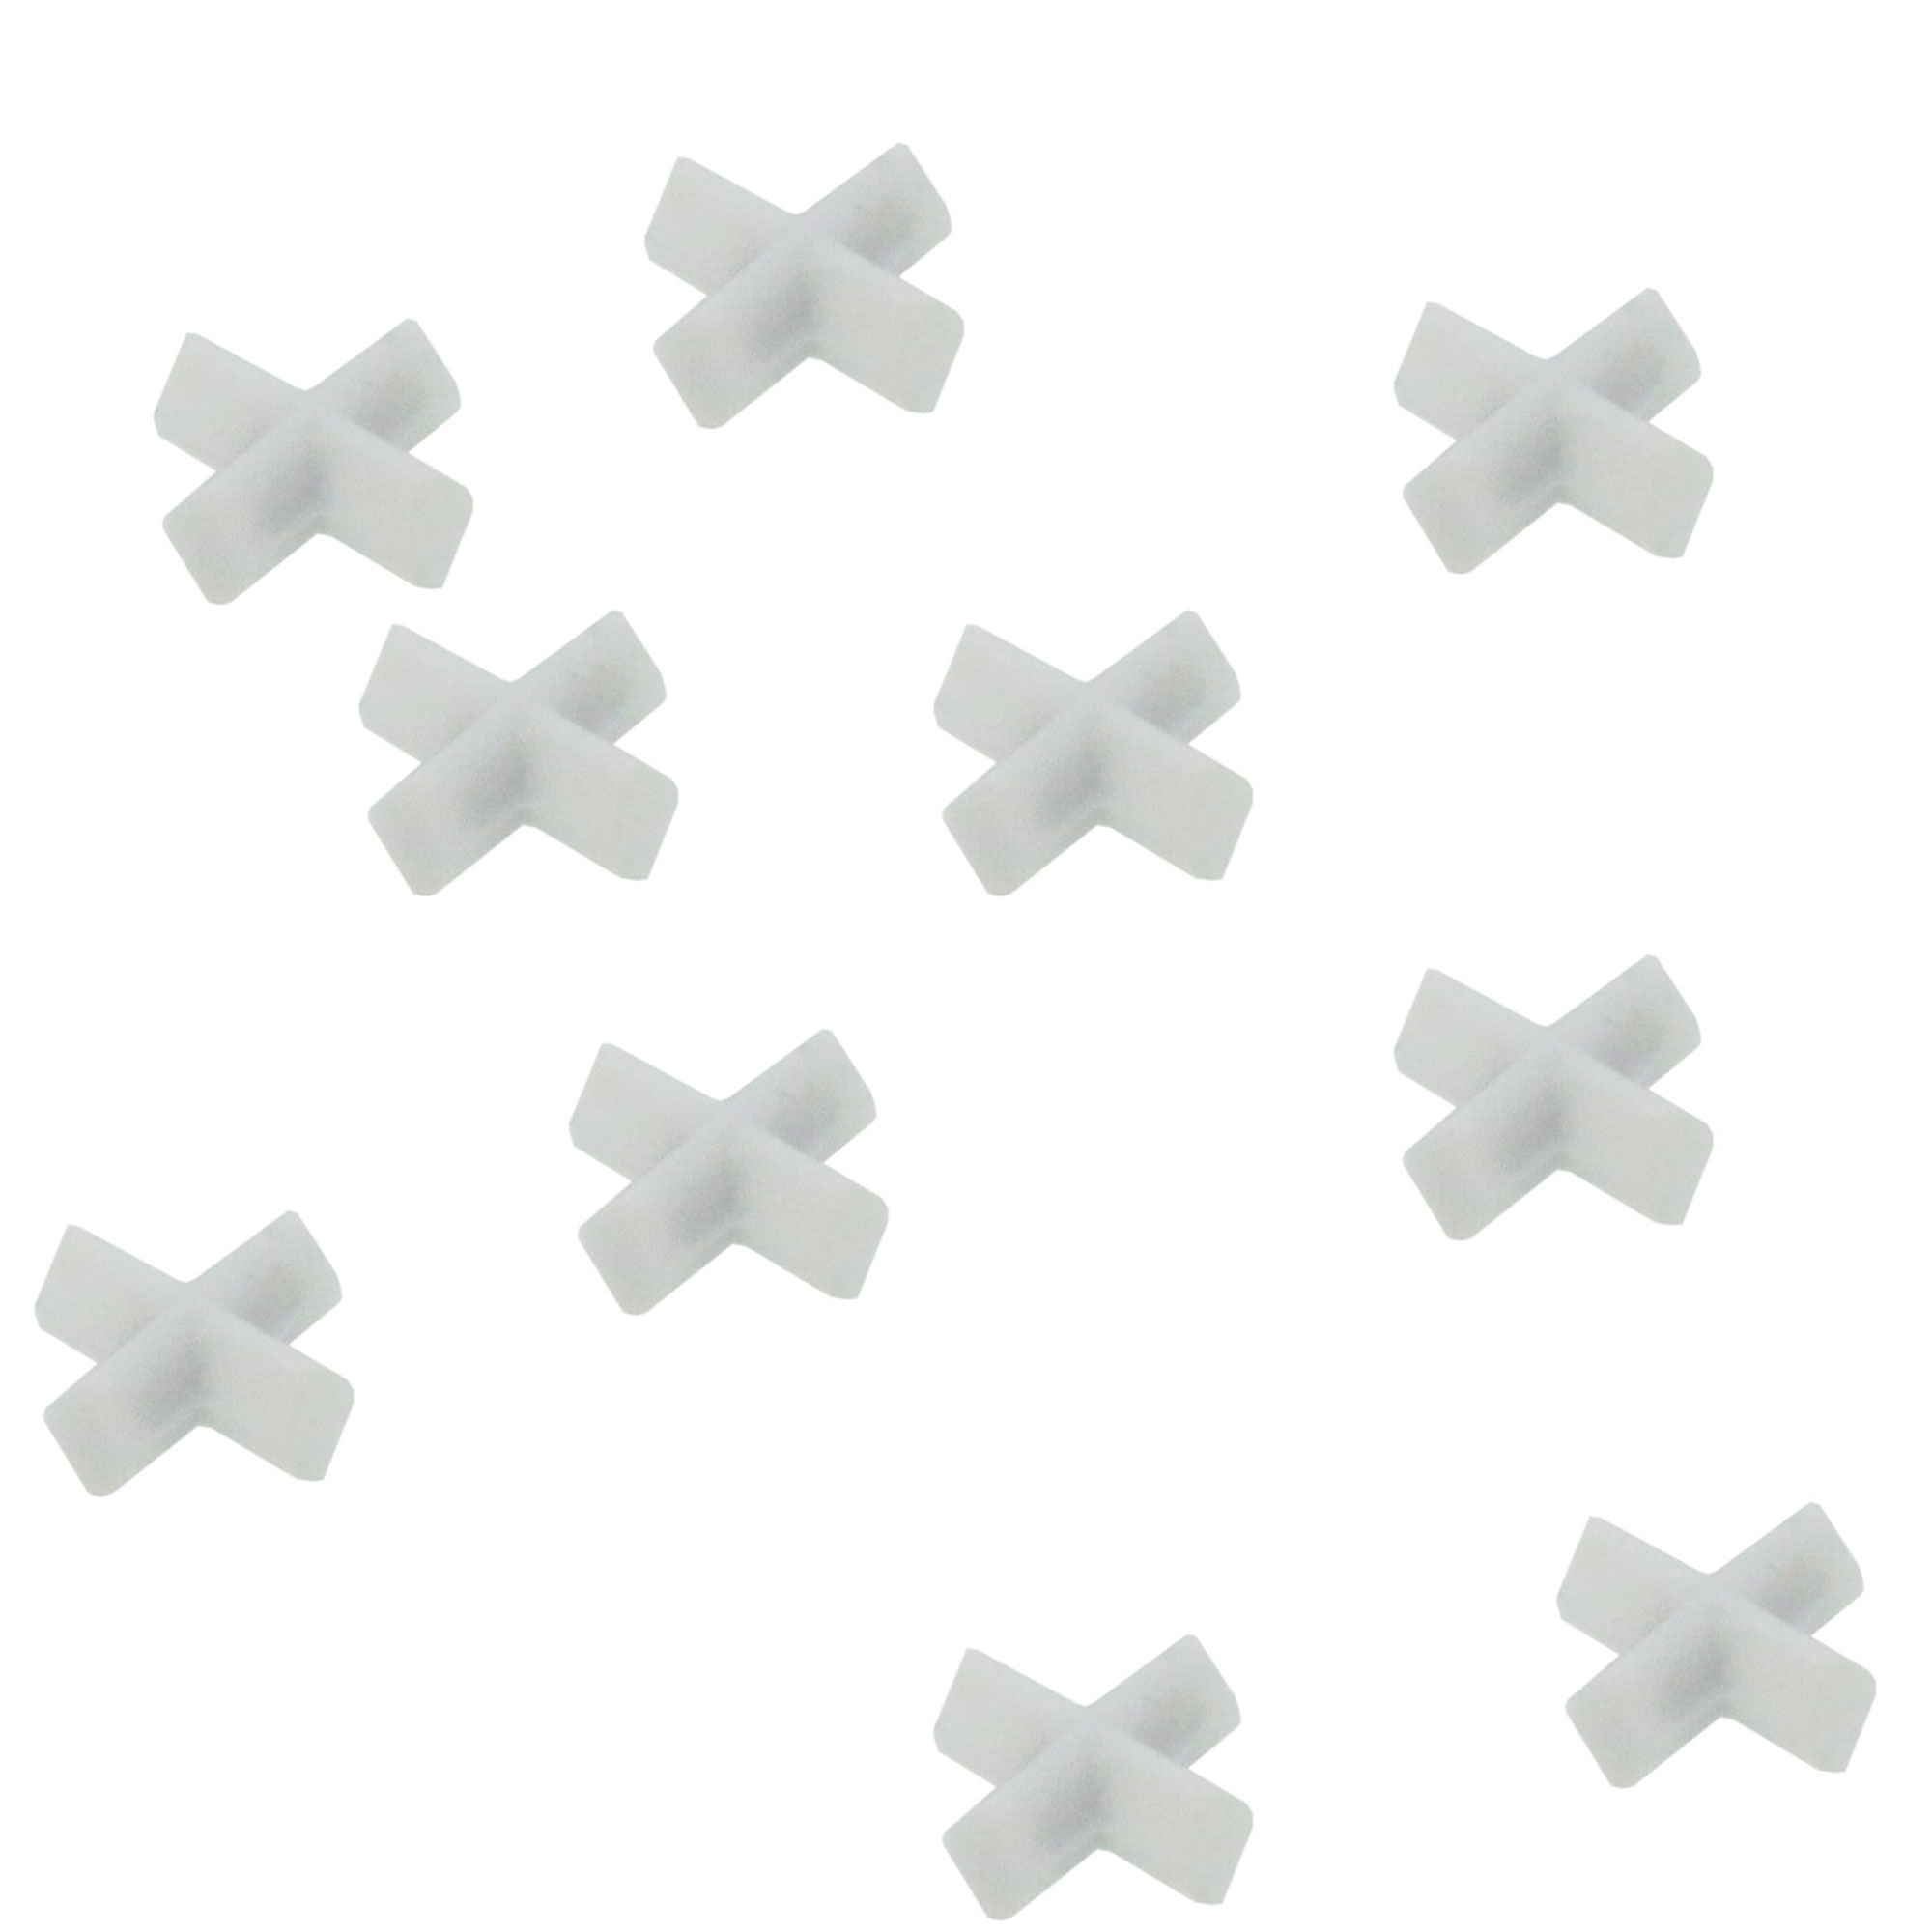 搅拌孩子十字形φ30用/φ15用/φ30用L 25 /三角型28毫升用10个入|柴田科技有限公司-环境检测设备、科学仪器的制造销售